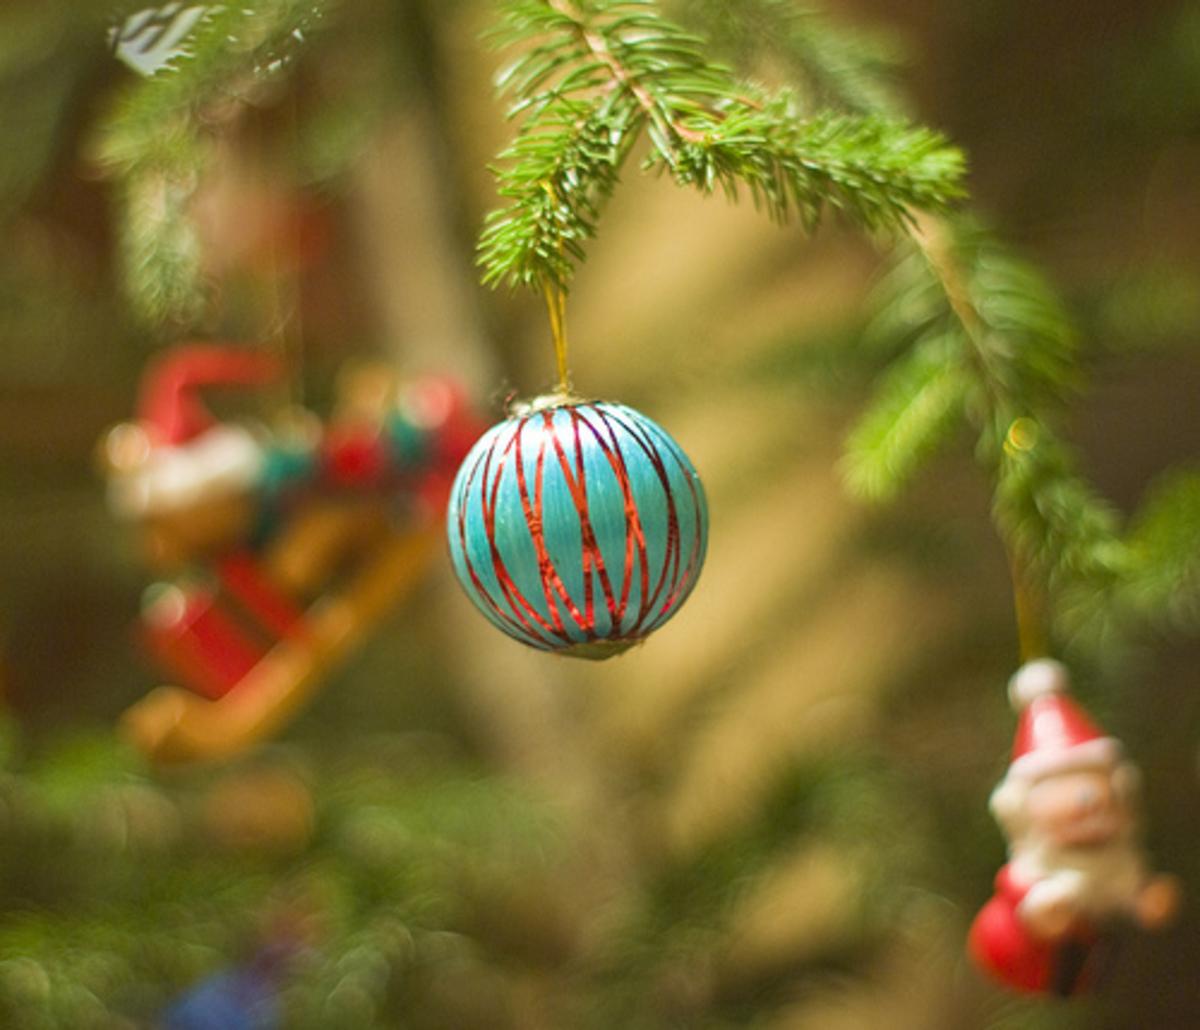 Πάτρα: Εν όψει των Χριστουγέννων στόλισε… χασισόδεντρο! | Newsit.gr